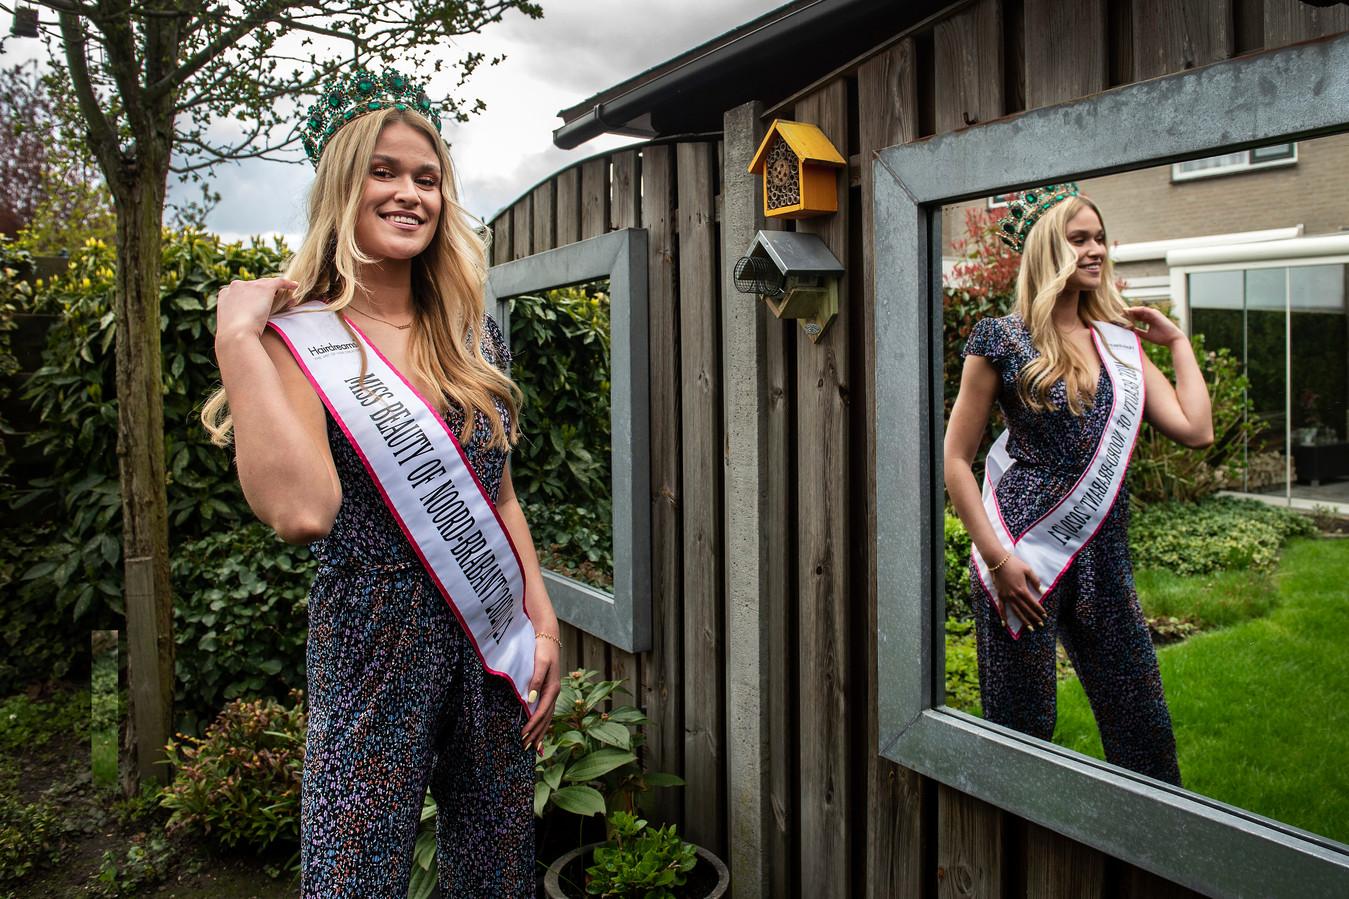 Kim Soesbergen is de nieuwe Miss Beauty van deze provincie.